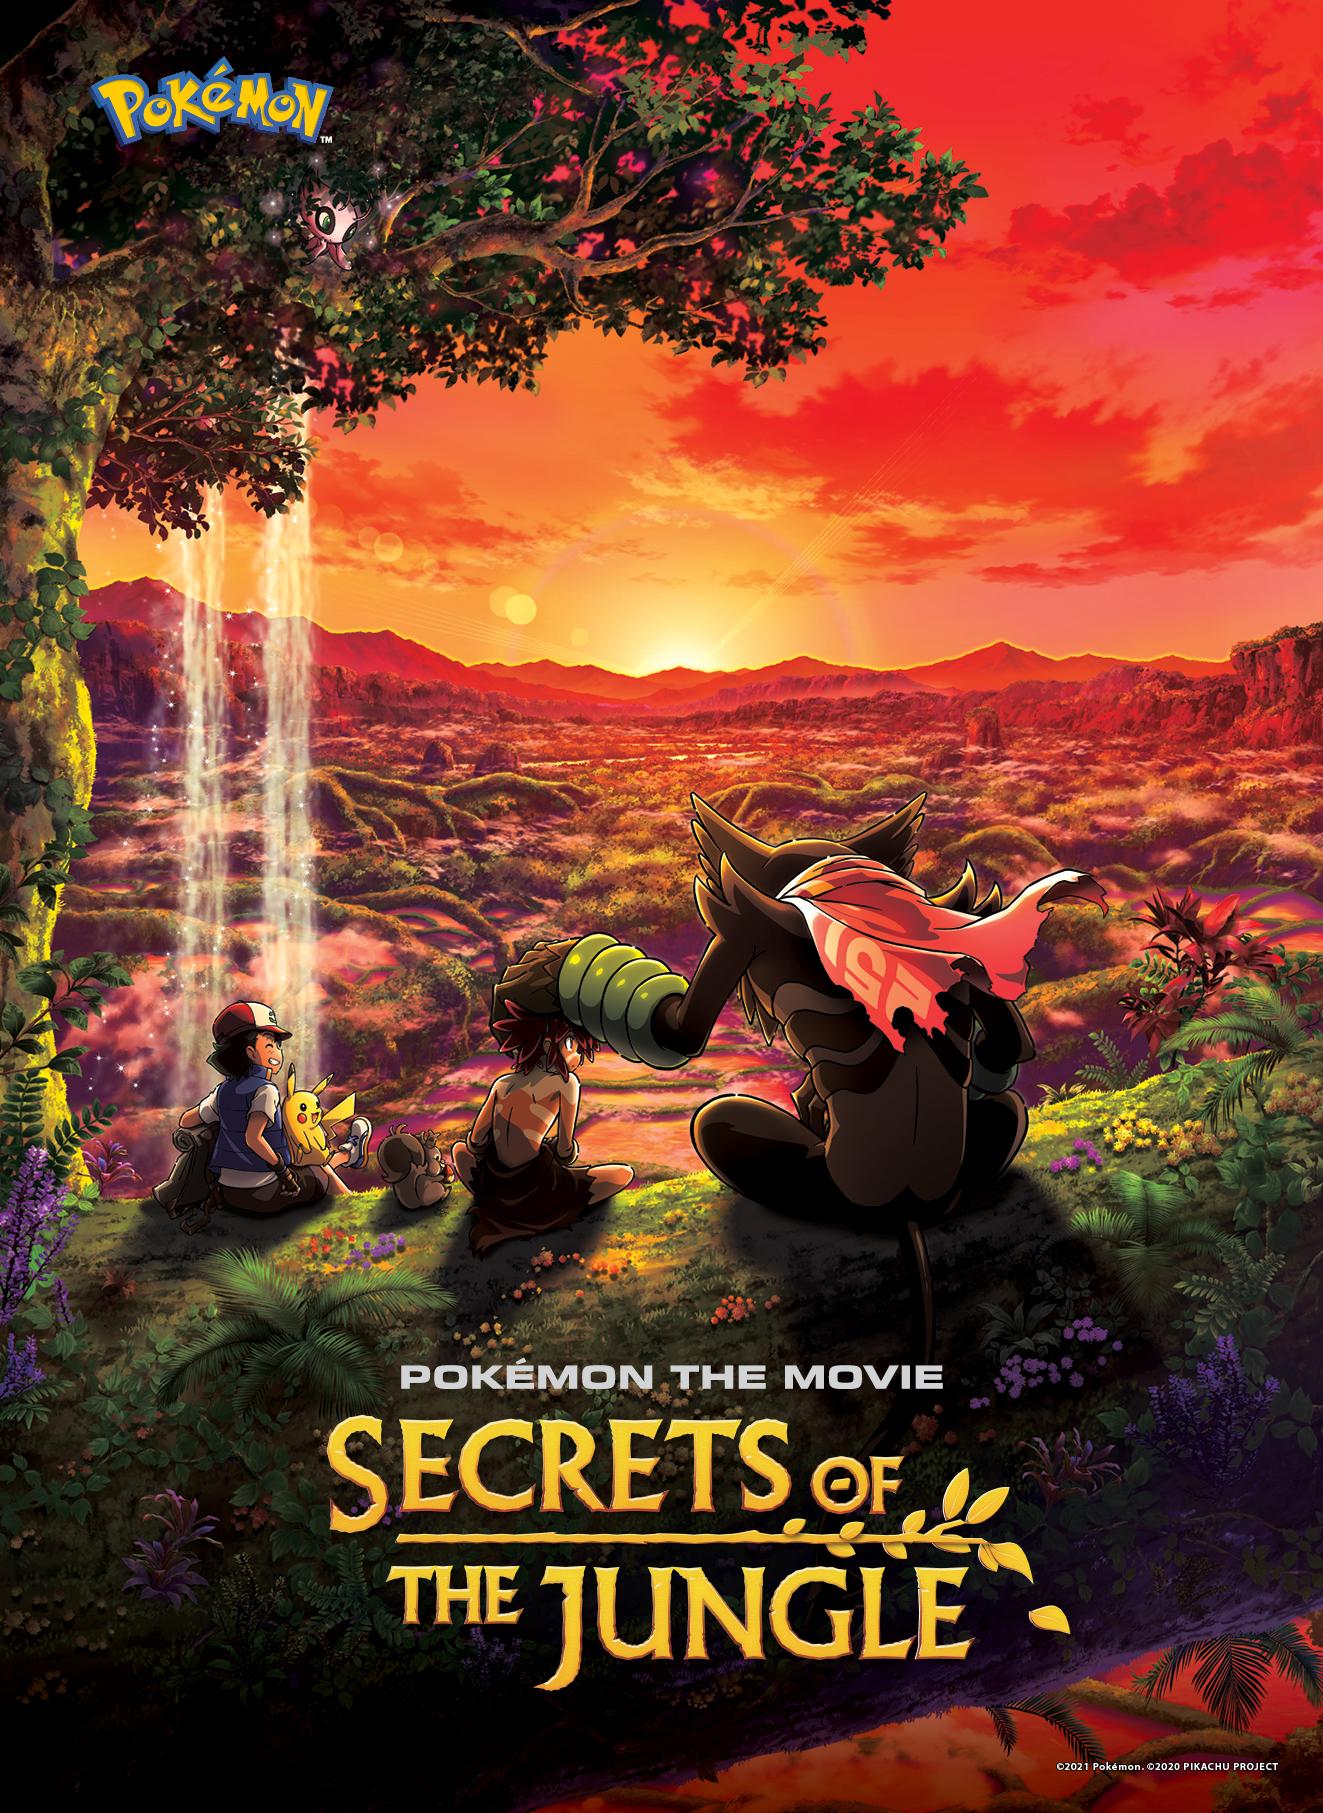 Pokemon_The_Movie_Secrets_of_the_Jungle_Key_Art_EN.jpg